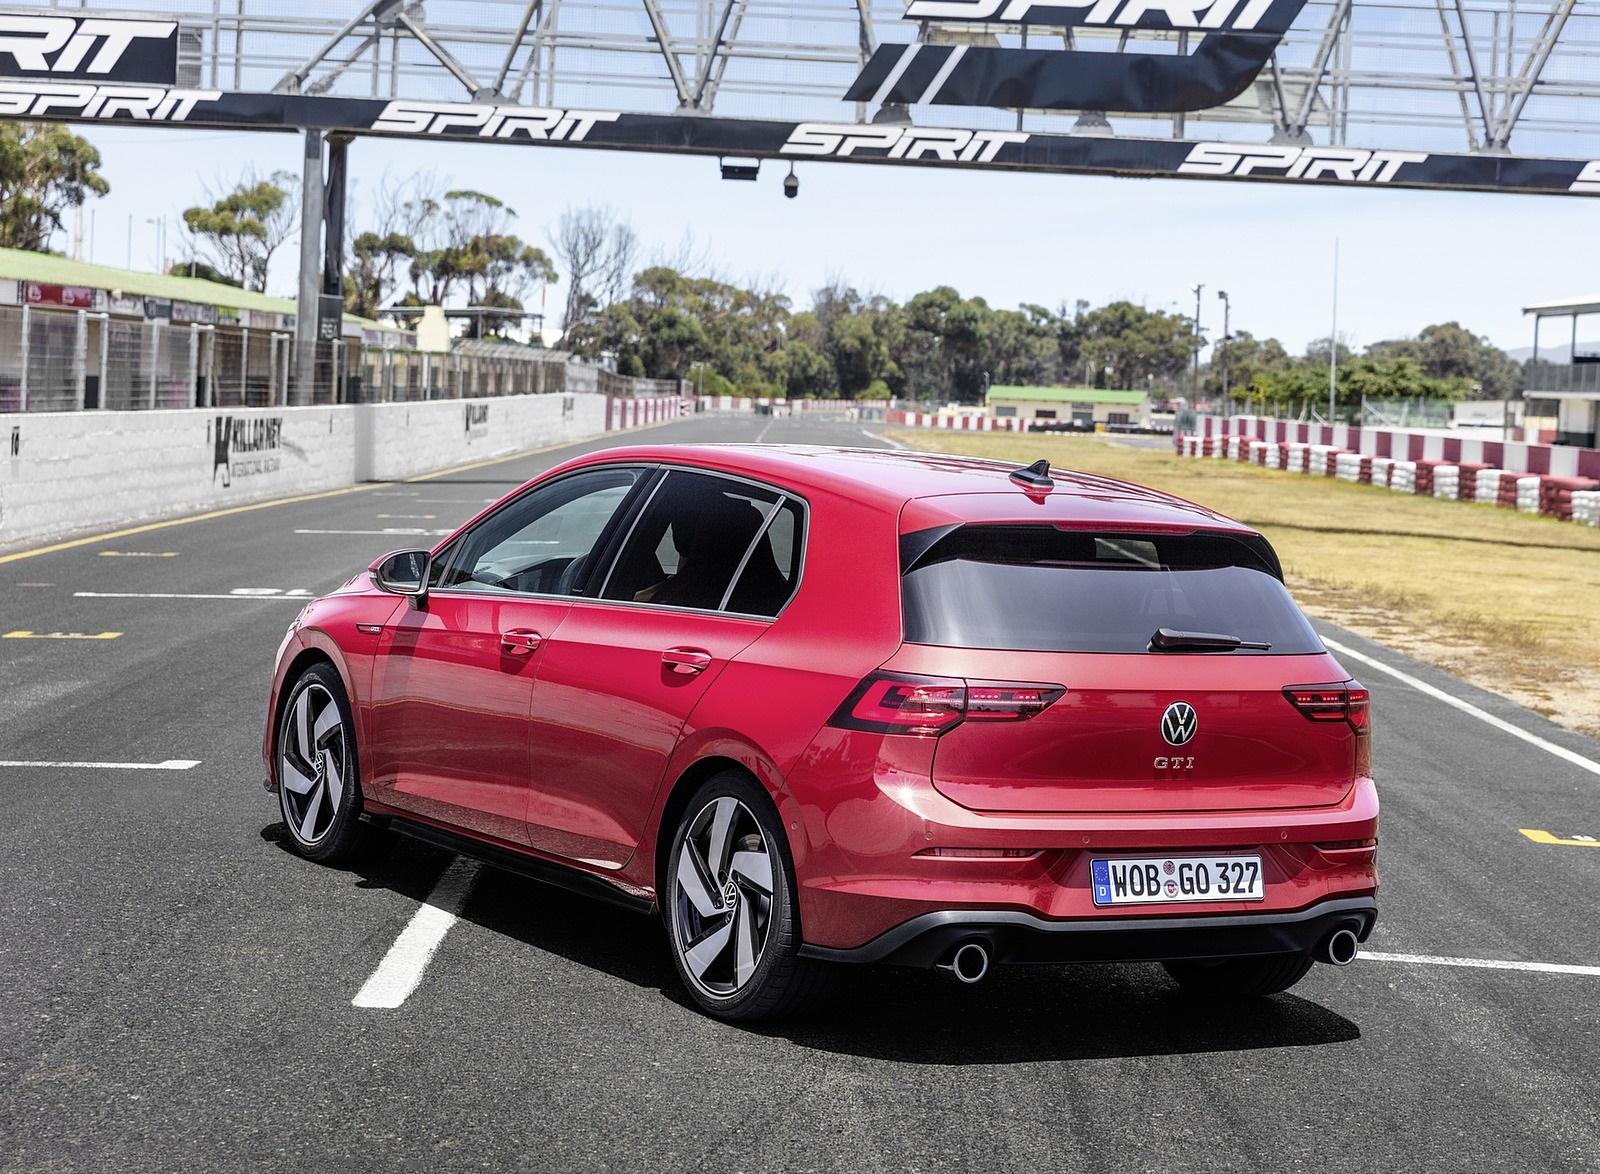 2021 Volkswagen Golf GTI Rear Three-Quarter Wallpapers (10)